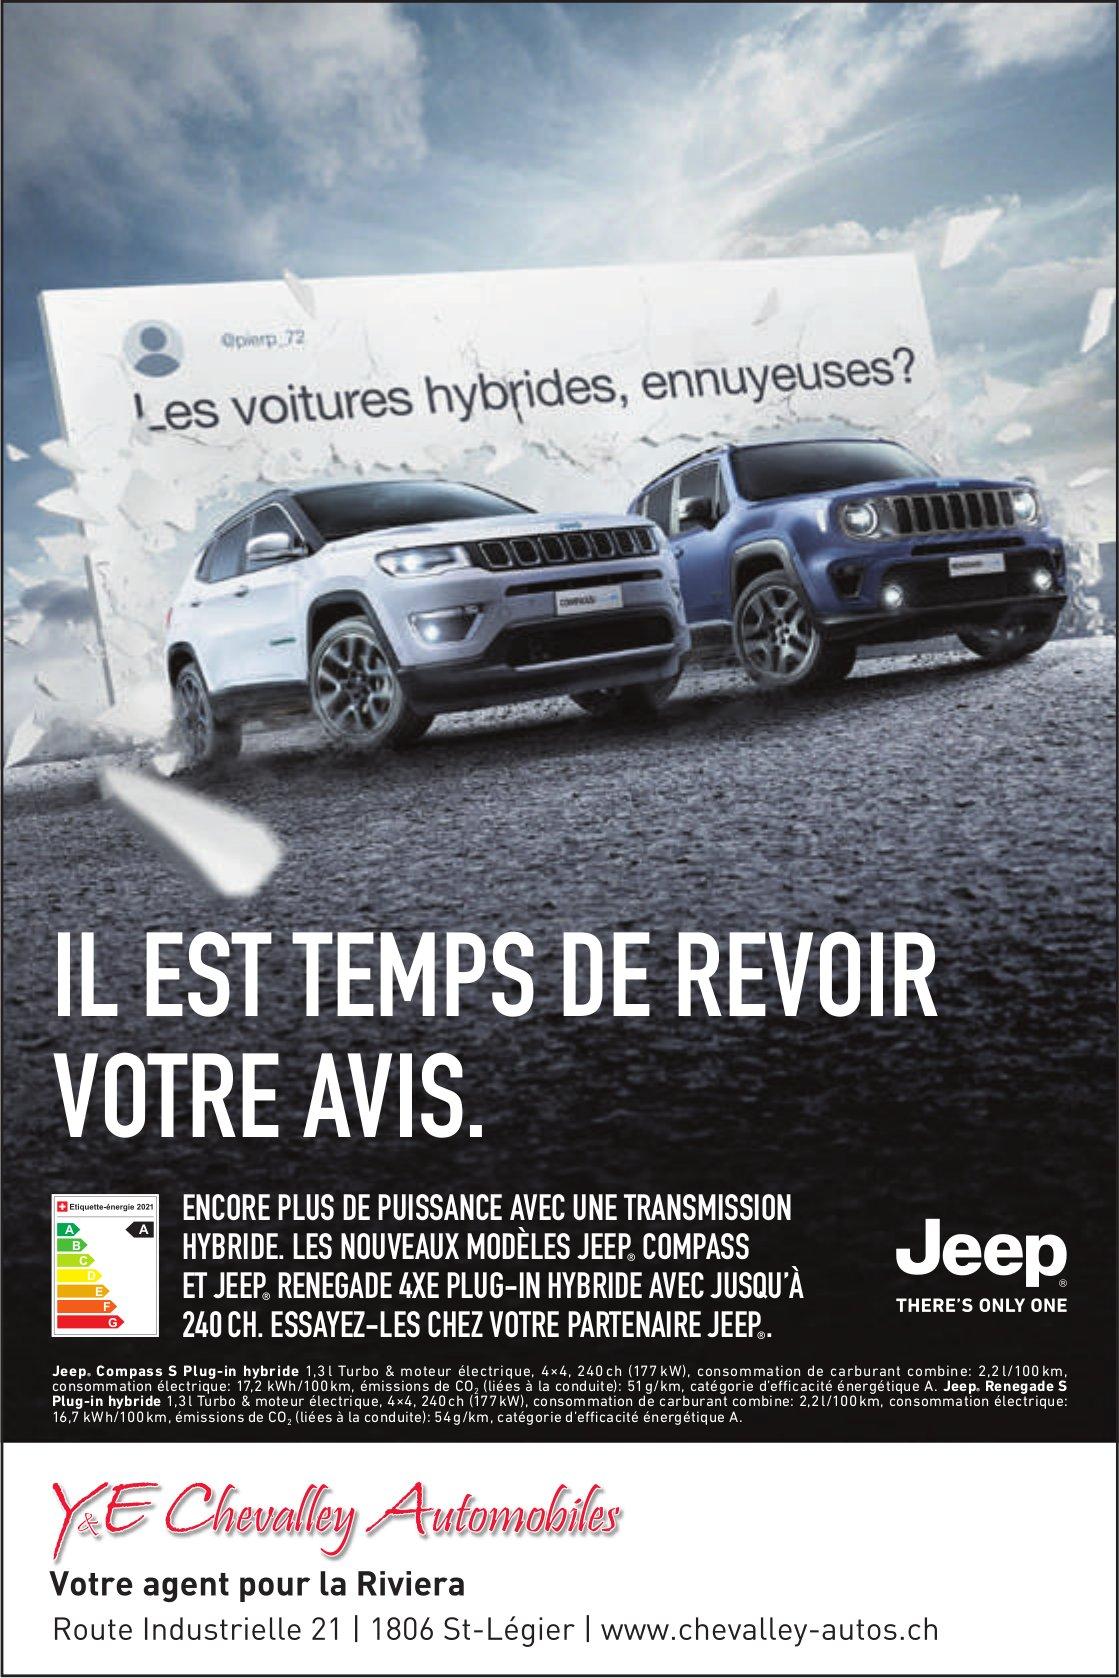 Y&E Chevalley Autos, St-Légier, il est temps de revoir votre avis